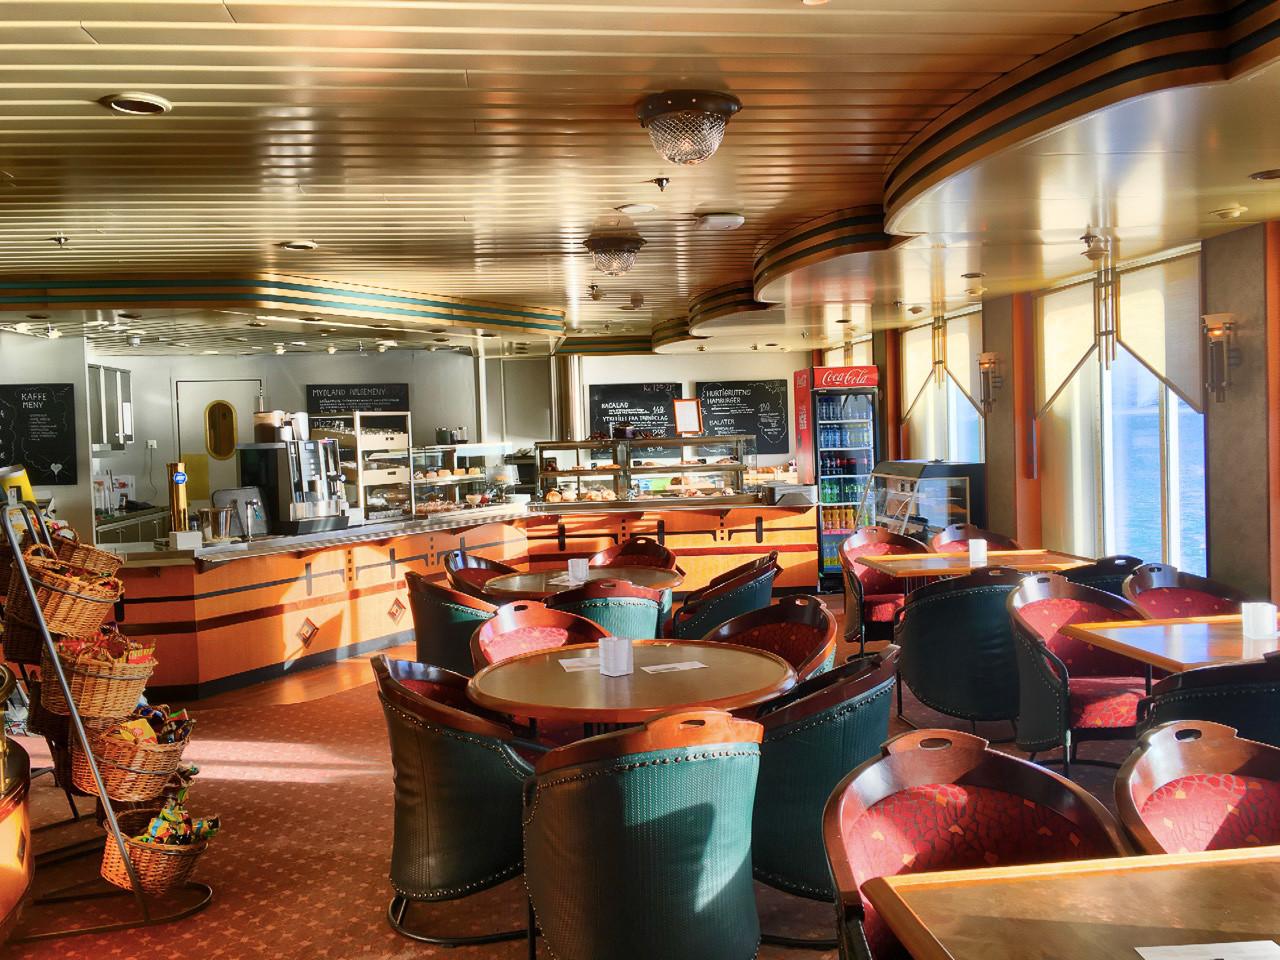 MS Finnmarken - Cafe